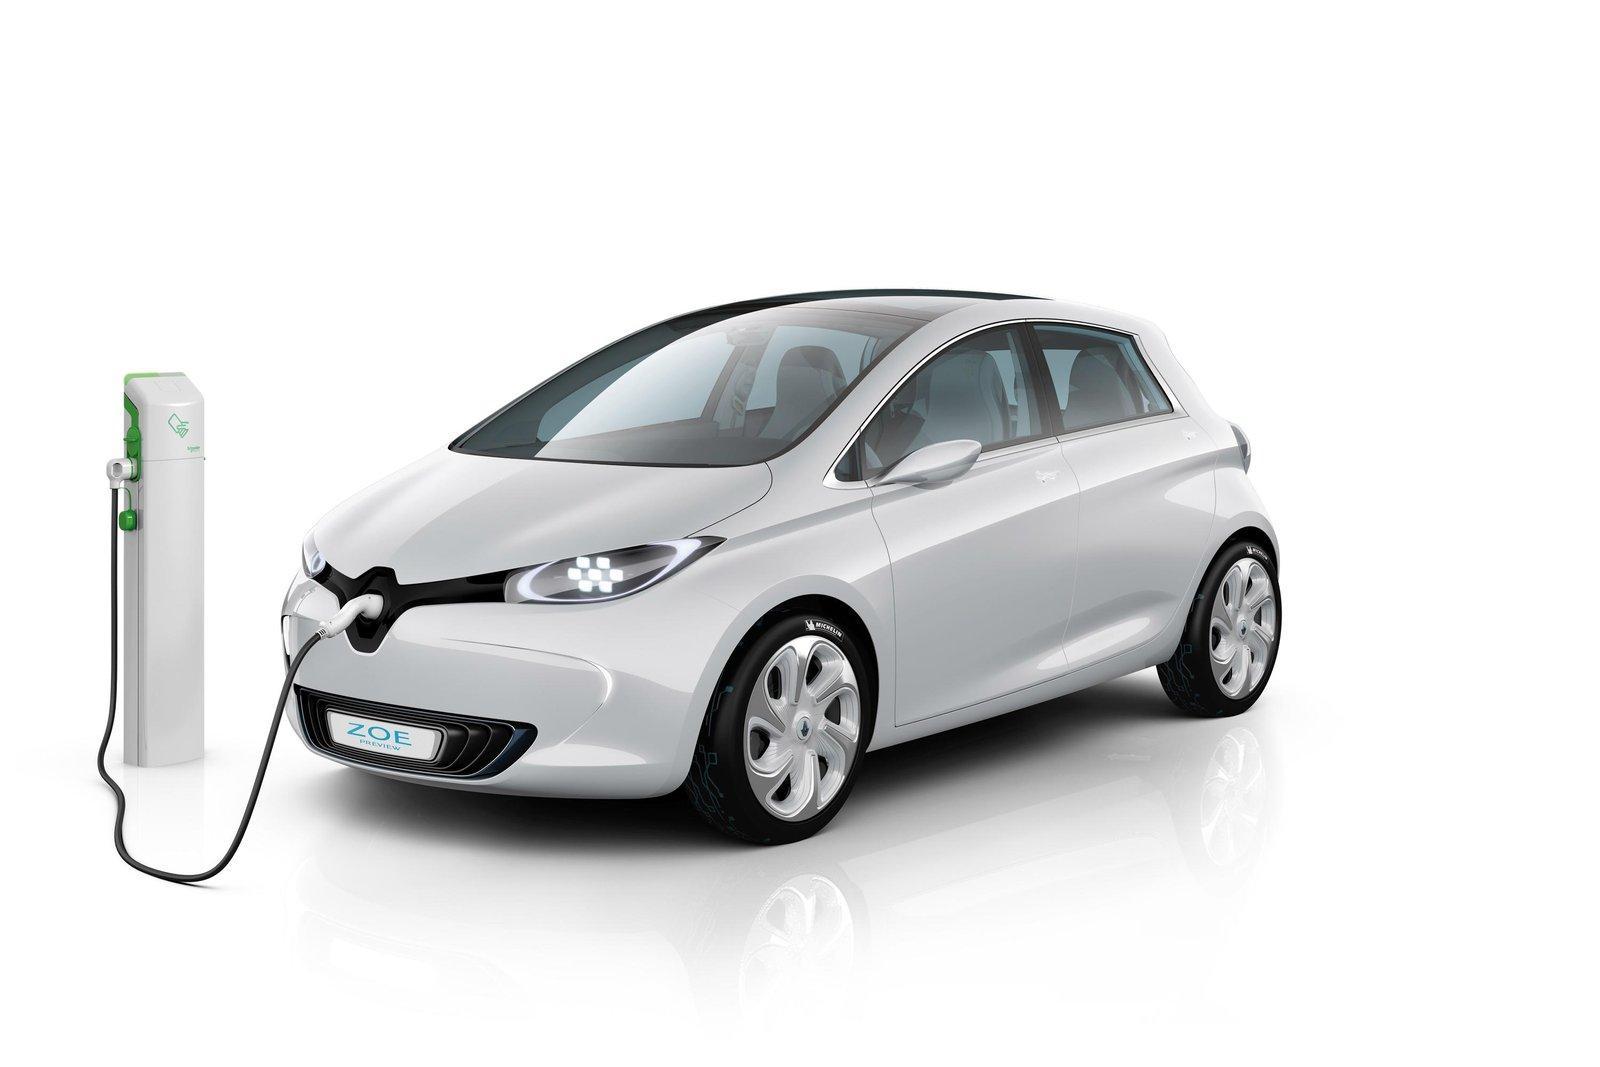 Renault-Nissan prevé vender 1,5 millones de vehículos eléctricos